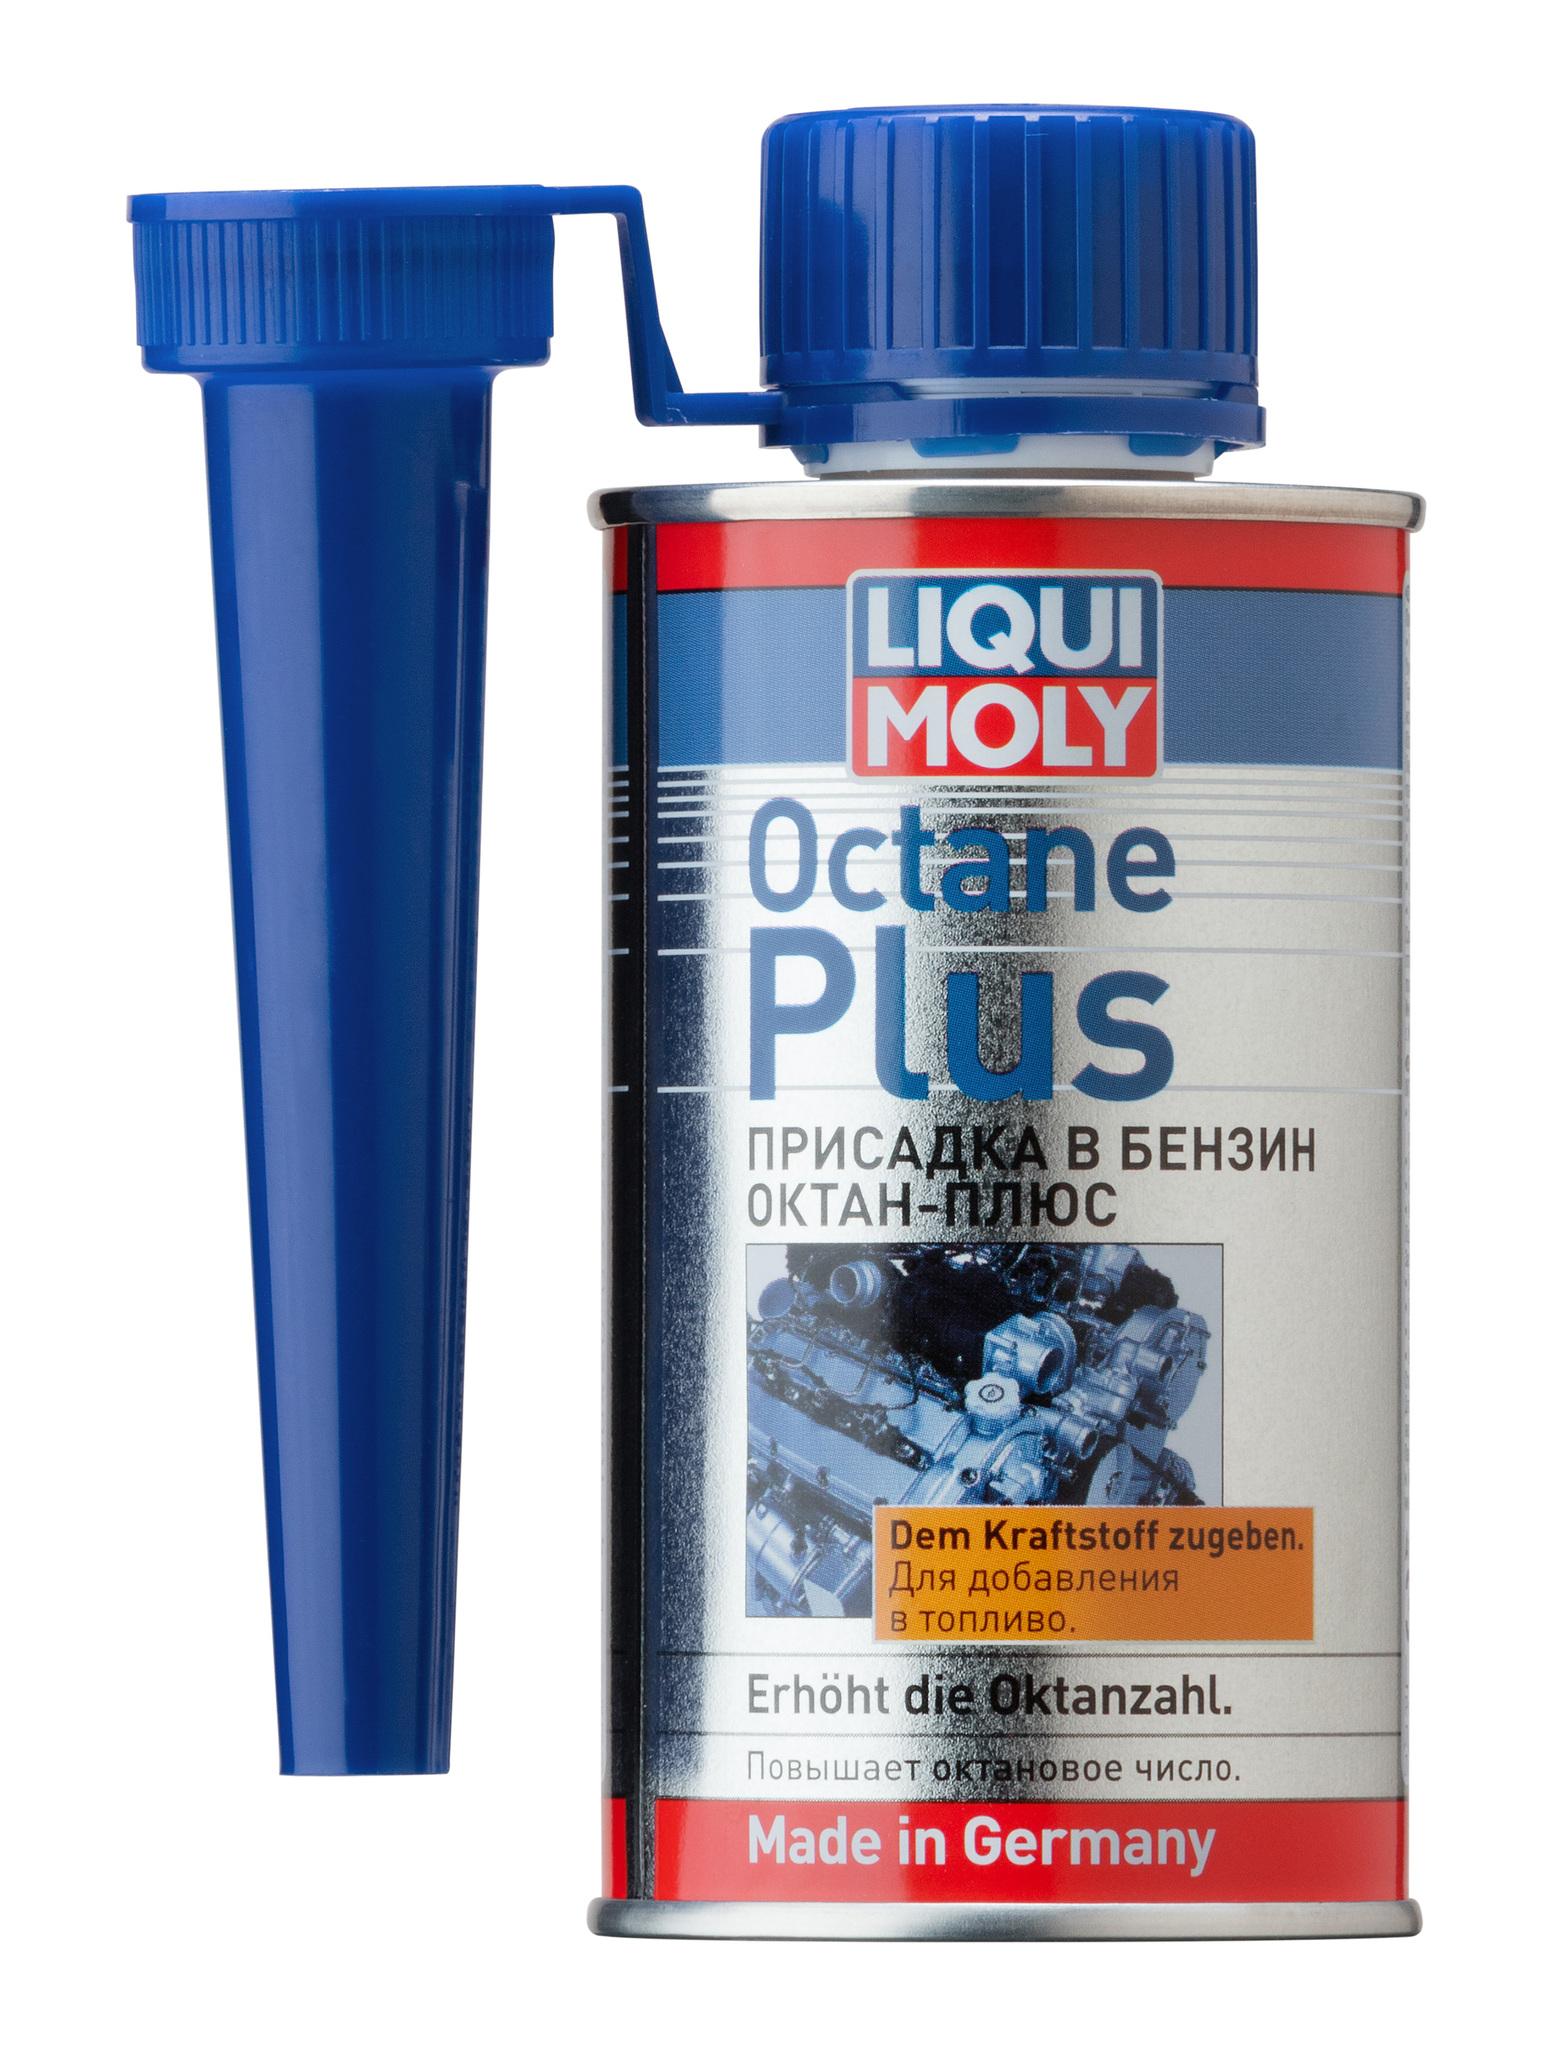 Октановые добавки для топлива